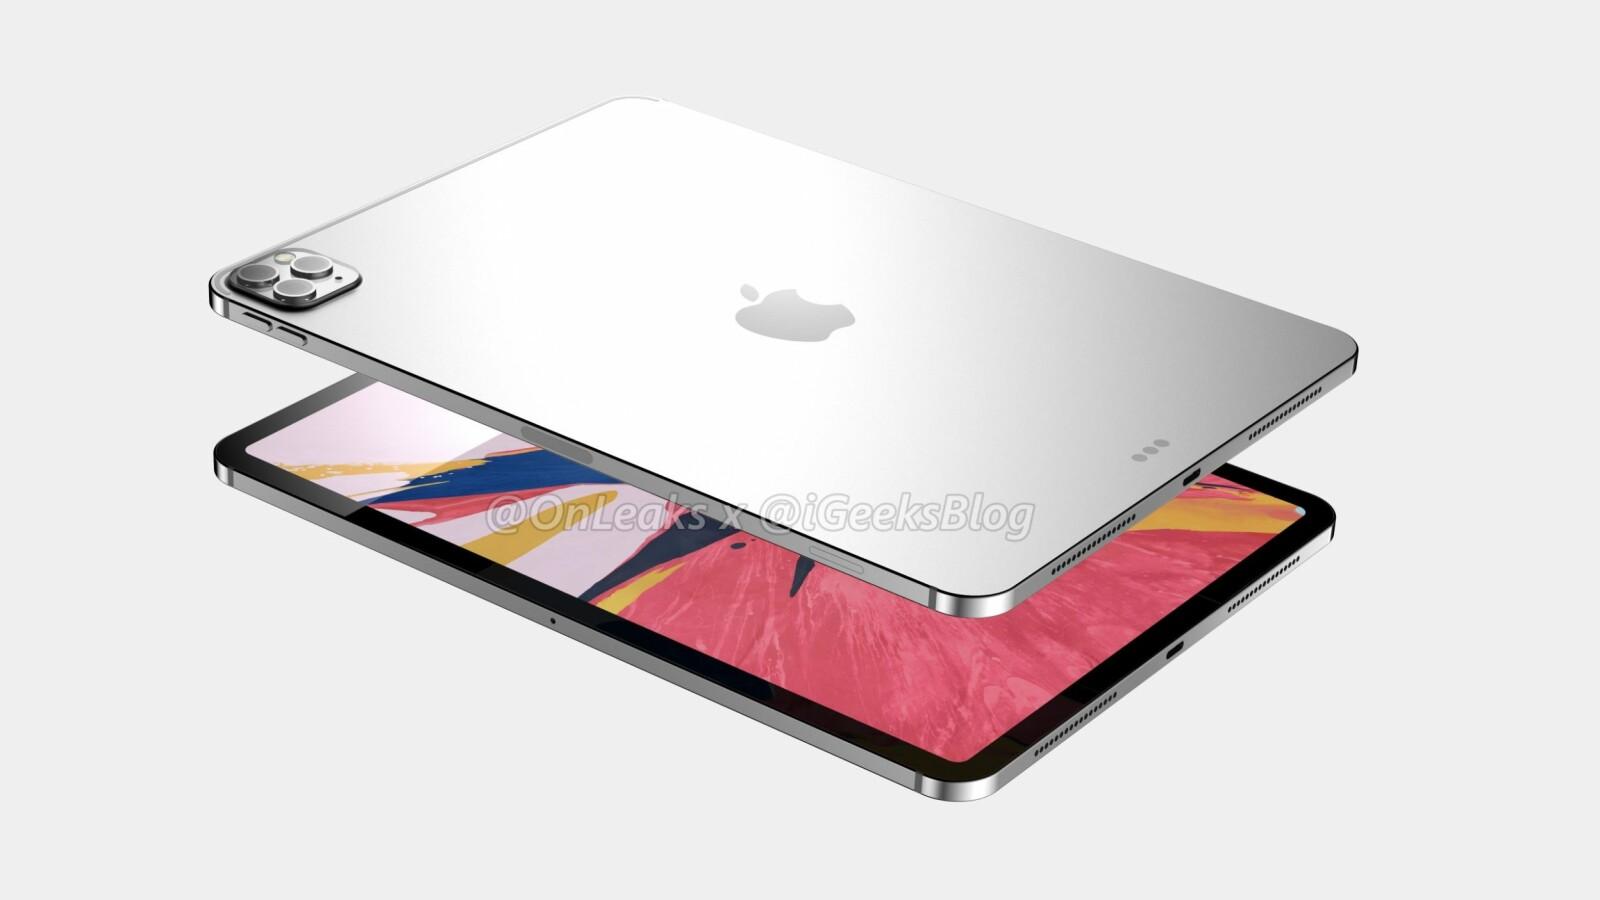 iPad Pro 2020 statt iPhone 12: Kameraneuheit soll Premiere im iPad feiern